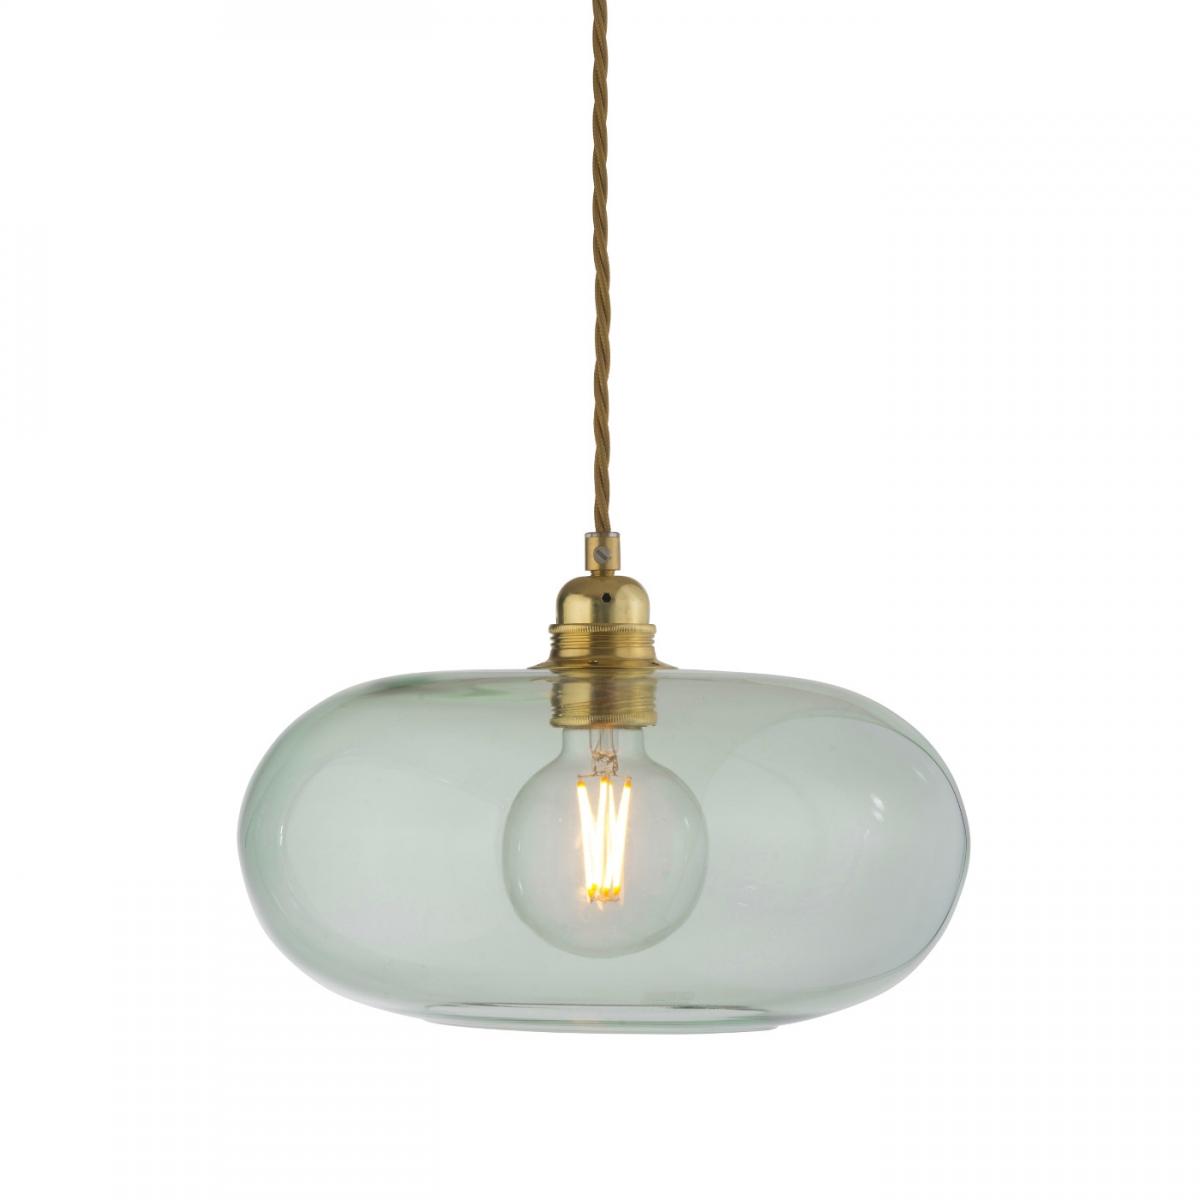 Pendelleuchte TR4 | Design lampen, Dänisches design